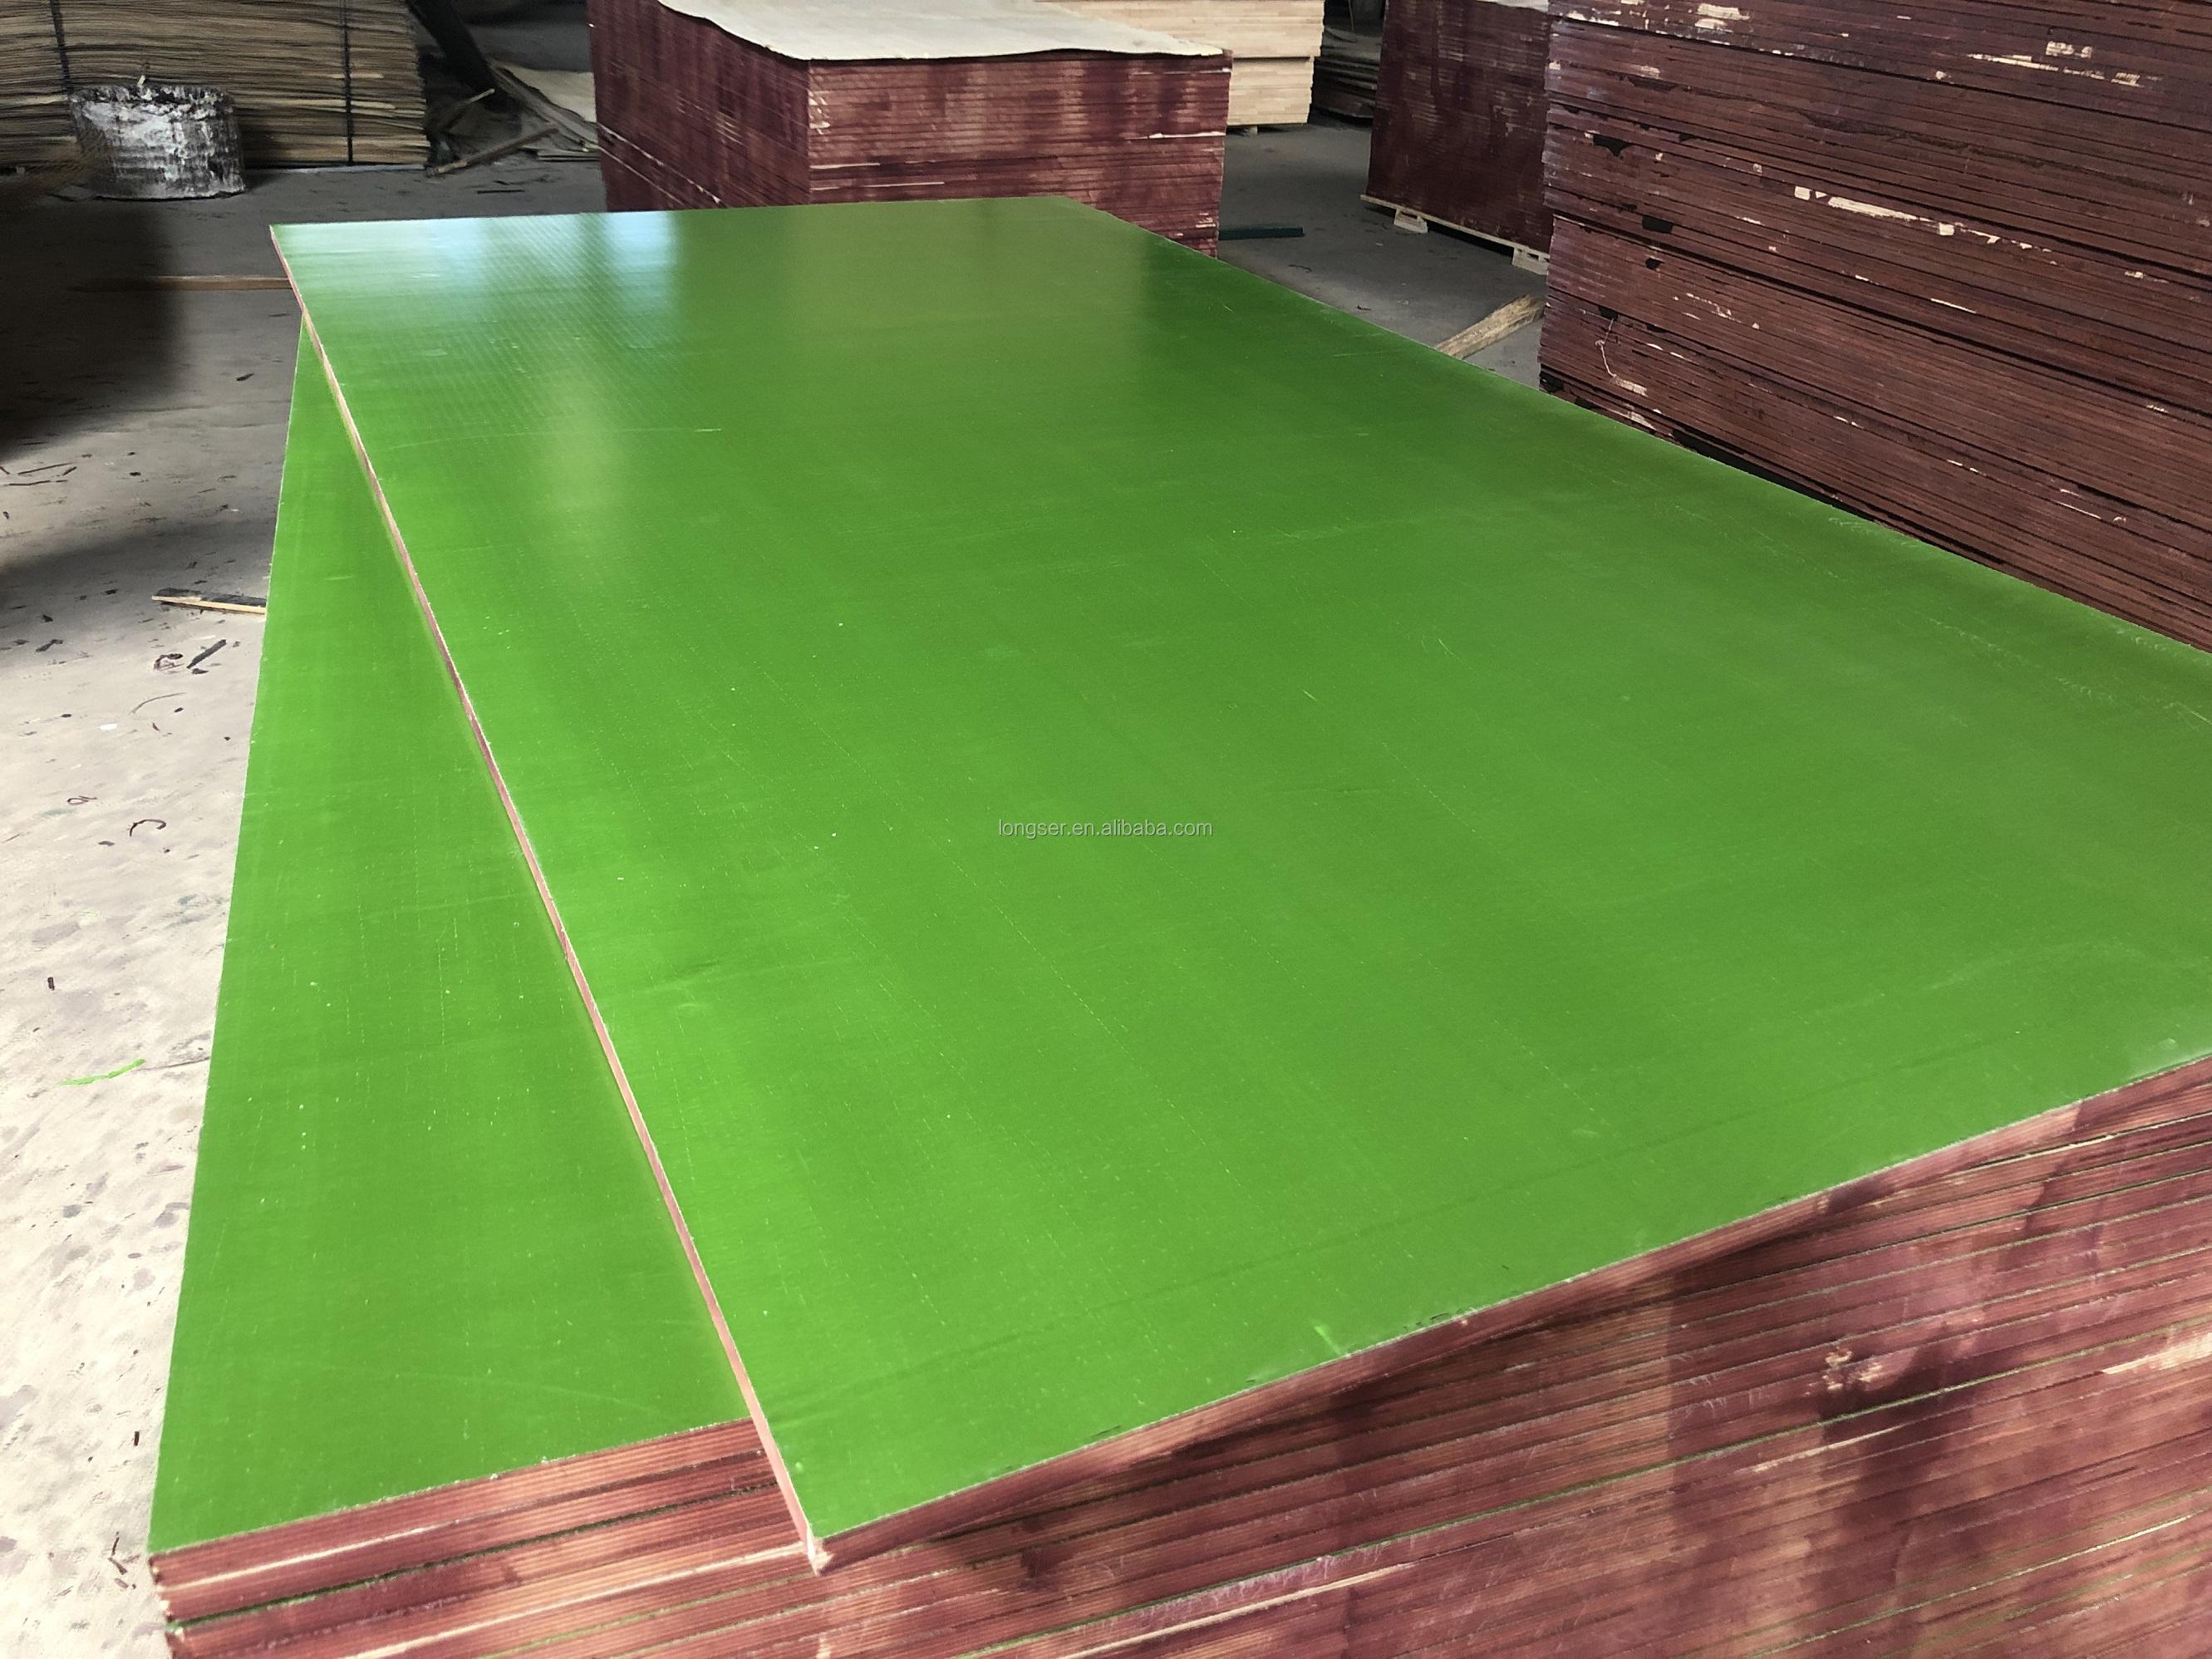 عالية لامعة 3.0 مللي متر 3.5 مللي متر لوحات الحائط الزخرفية بولي كلوريد الفينيل قطاع رخام UV مجلس